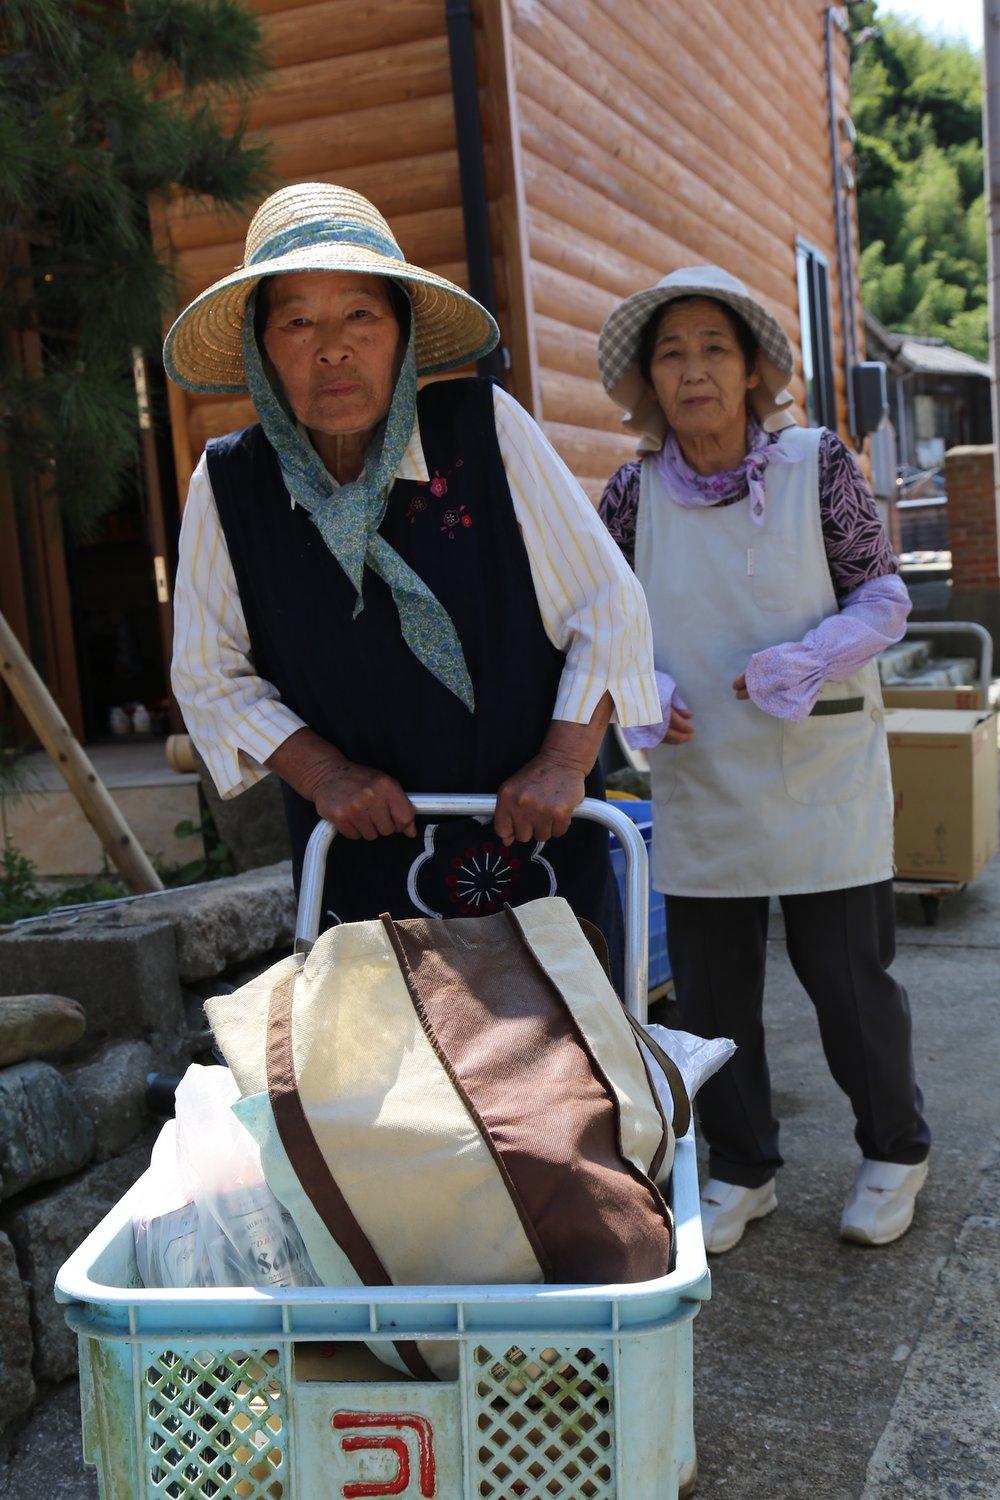 ushima-old-ladies.jpg